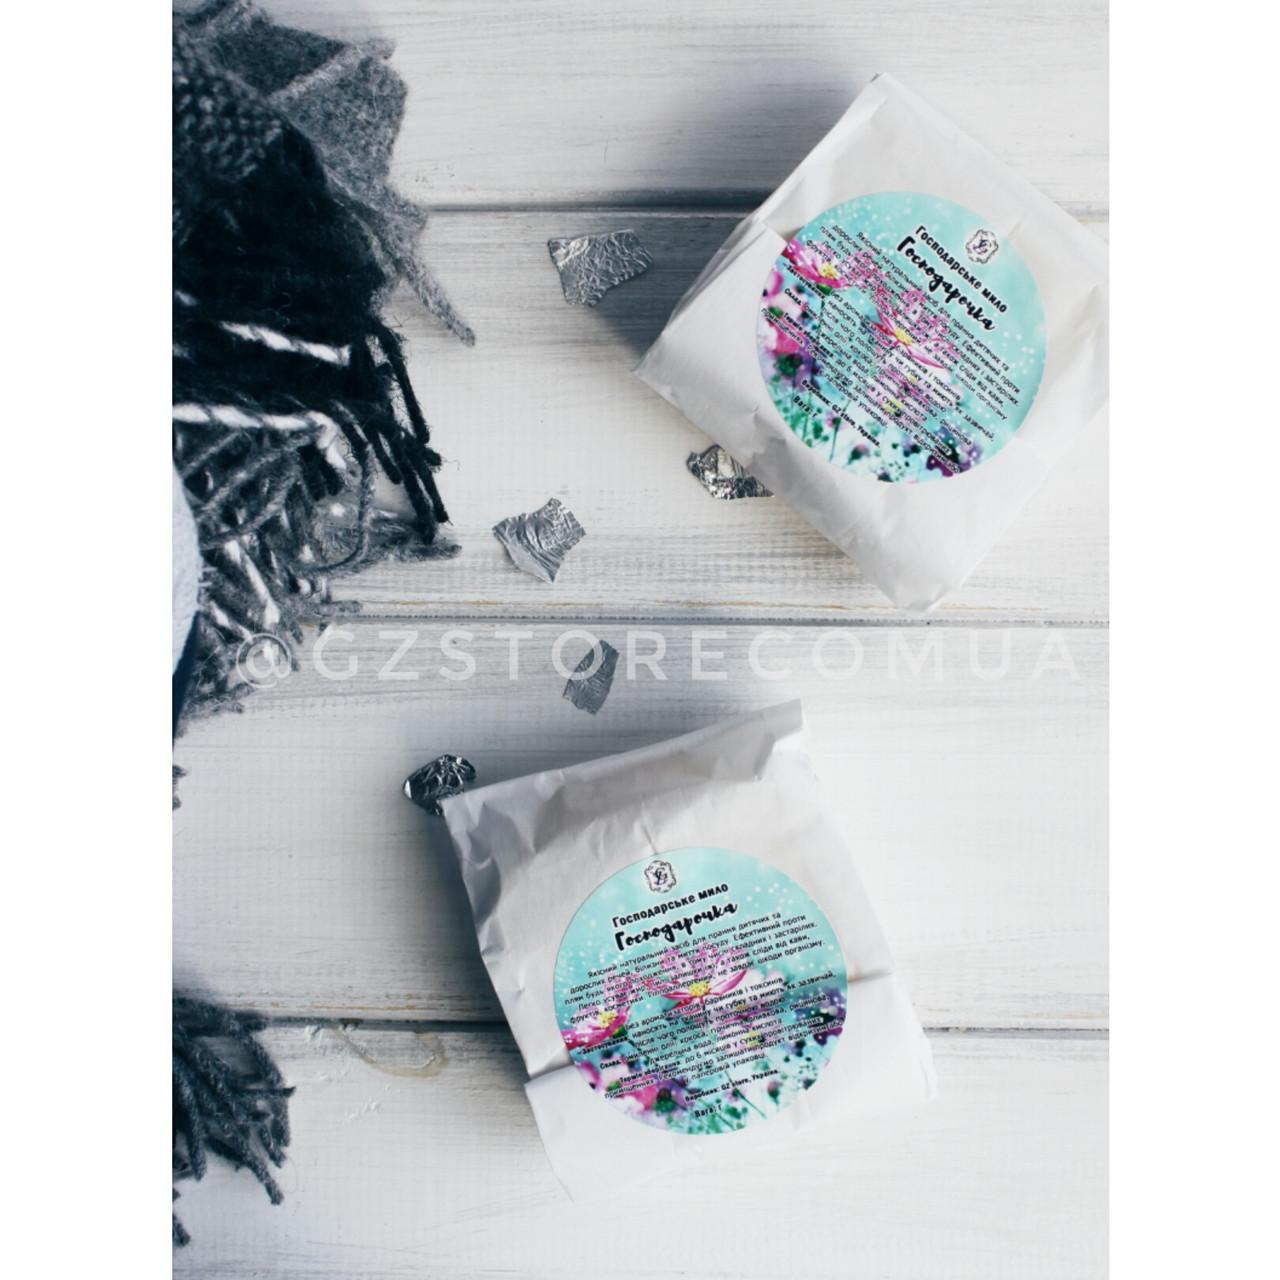 Мыло для стирки и мытья «Хозяюшка» - хорошо справляется с пятнами и загрязнениями, натуральный состав 100 г GZ